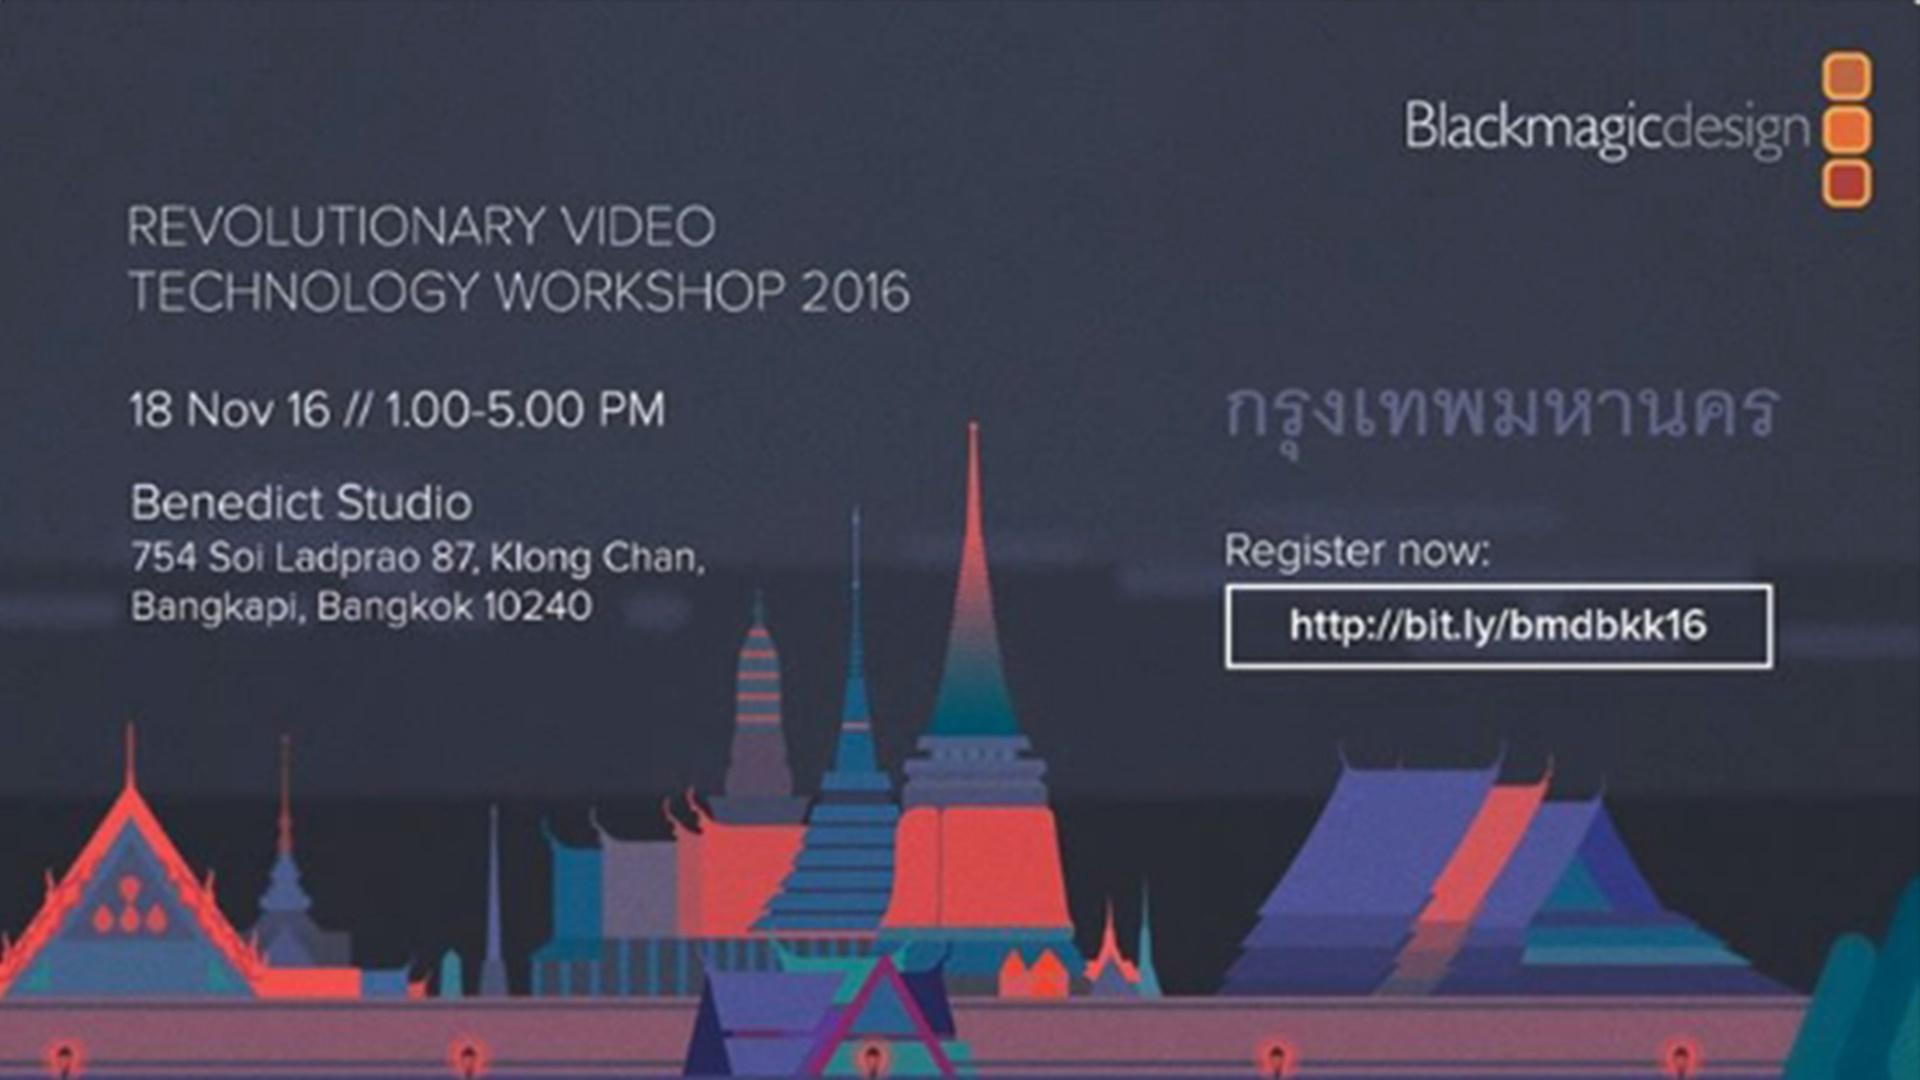 Blackmagic Design Thailand @Benedict Studio